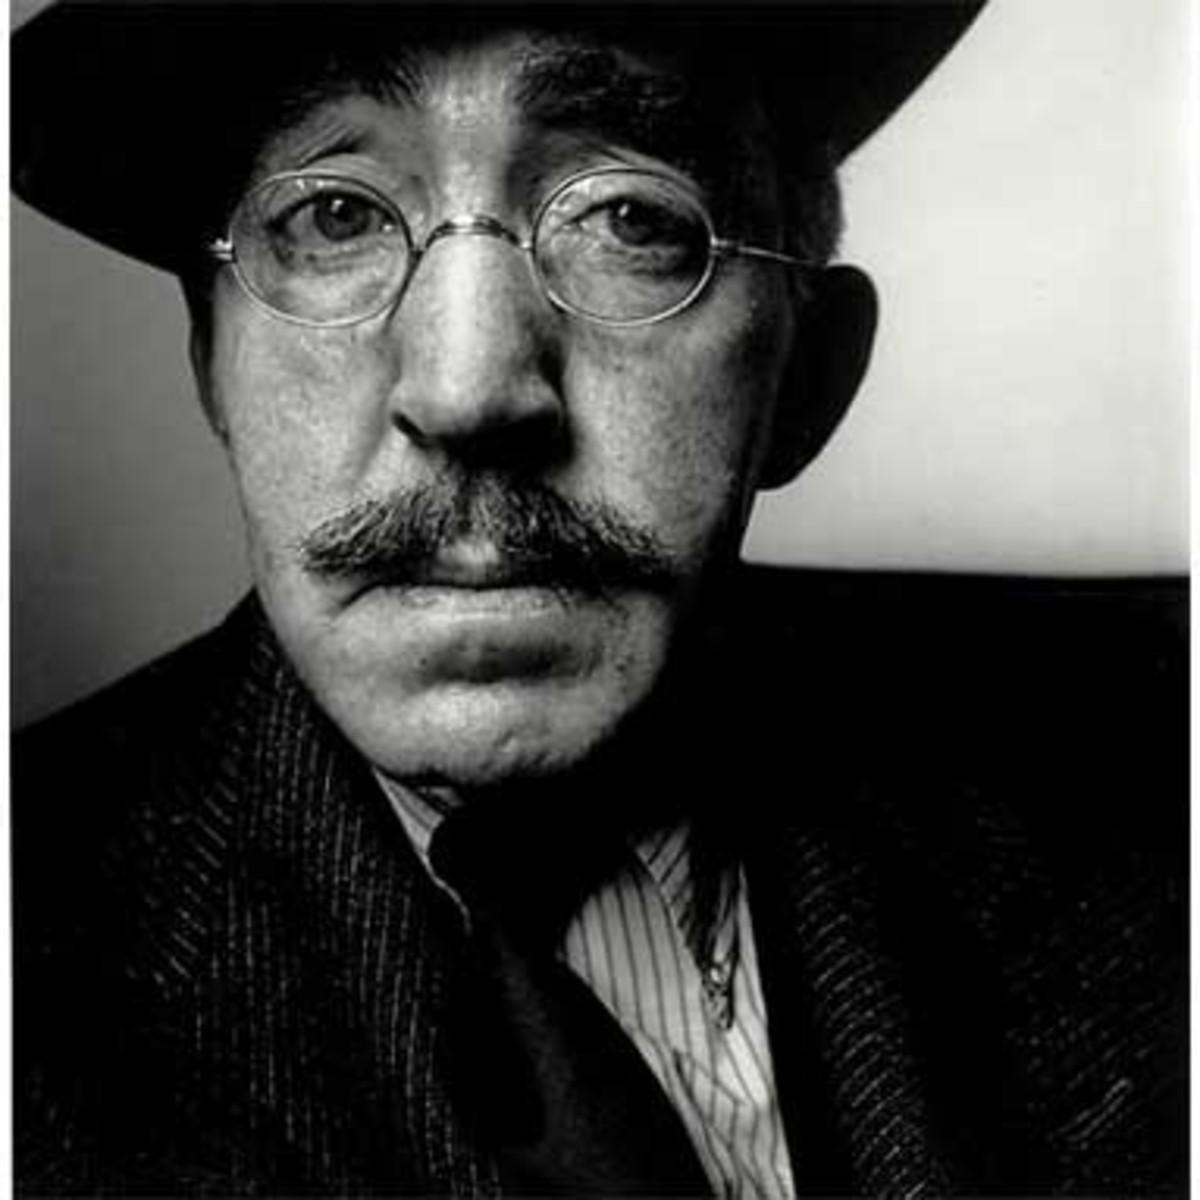 Irving penn 39 s extraordinary portrait photographs for Irving penn gallery